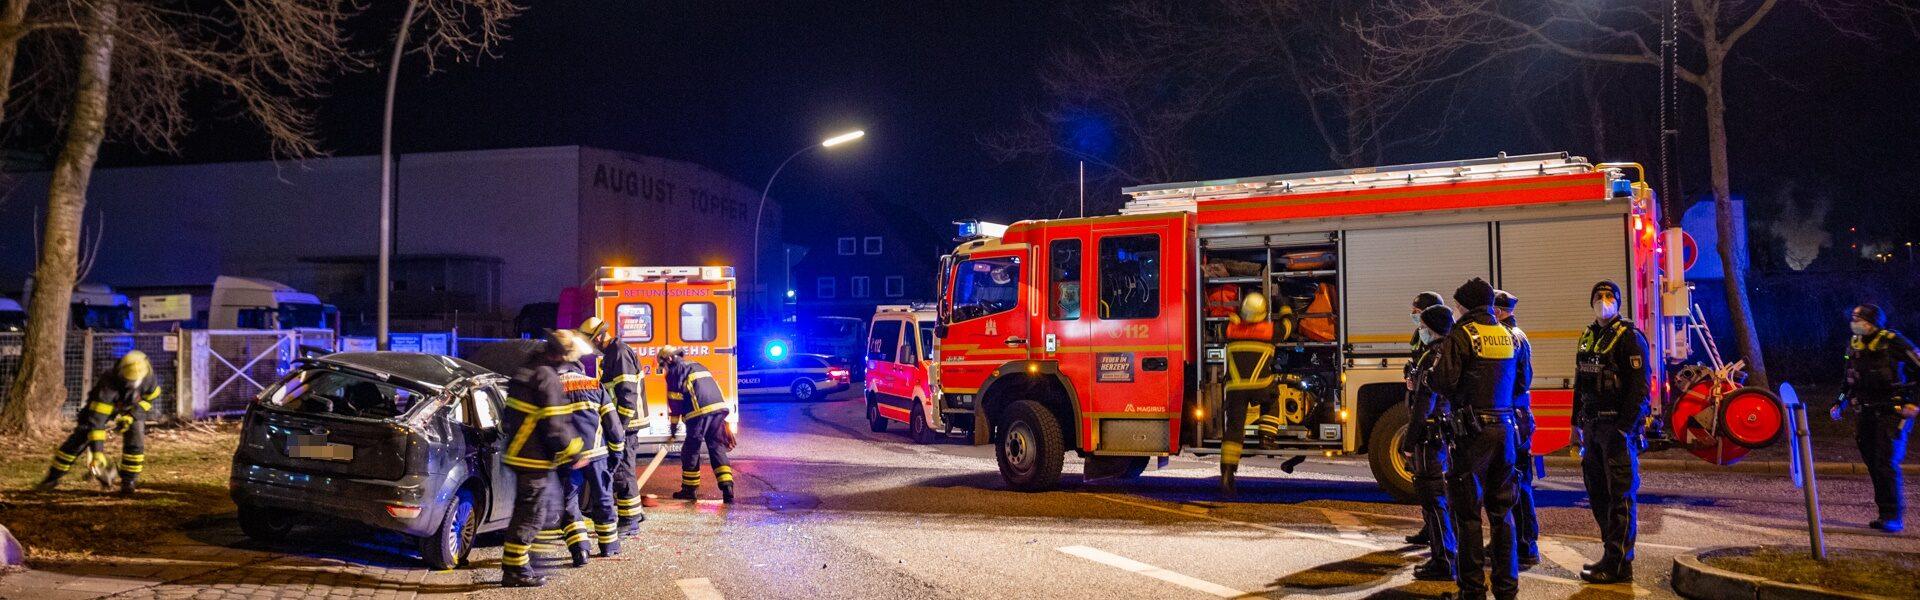 17.03.2021 – Schwerer Verkehrsunfall in Rothenburgsort